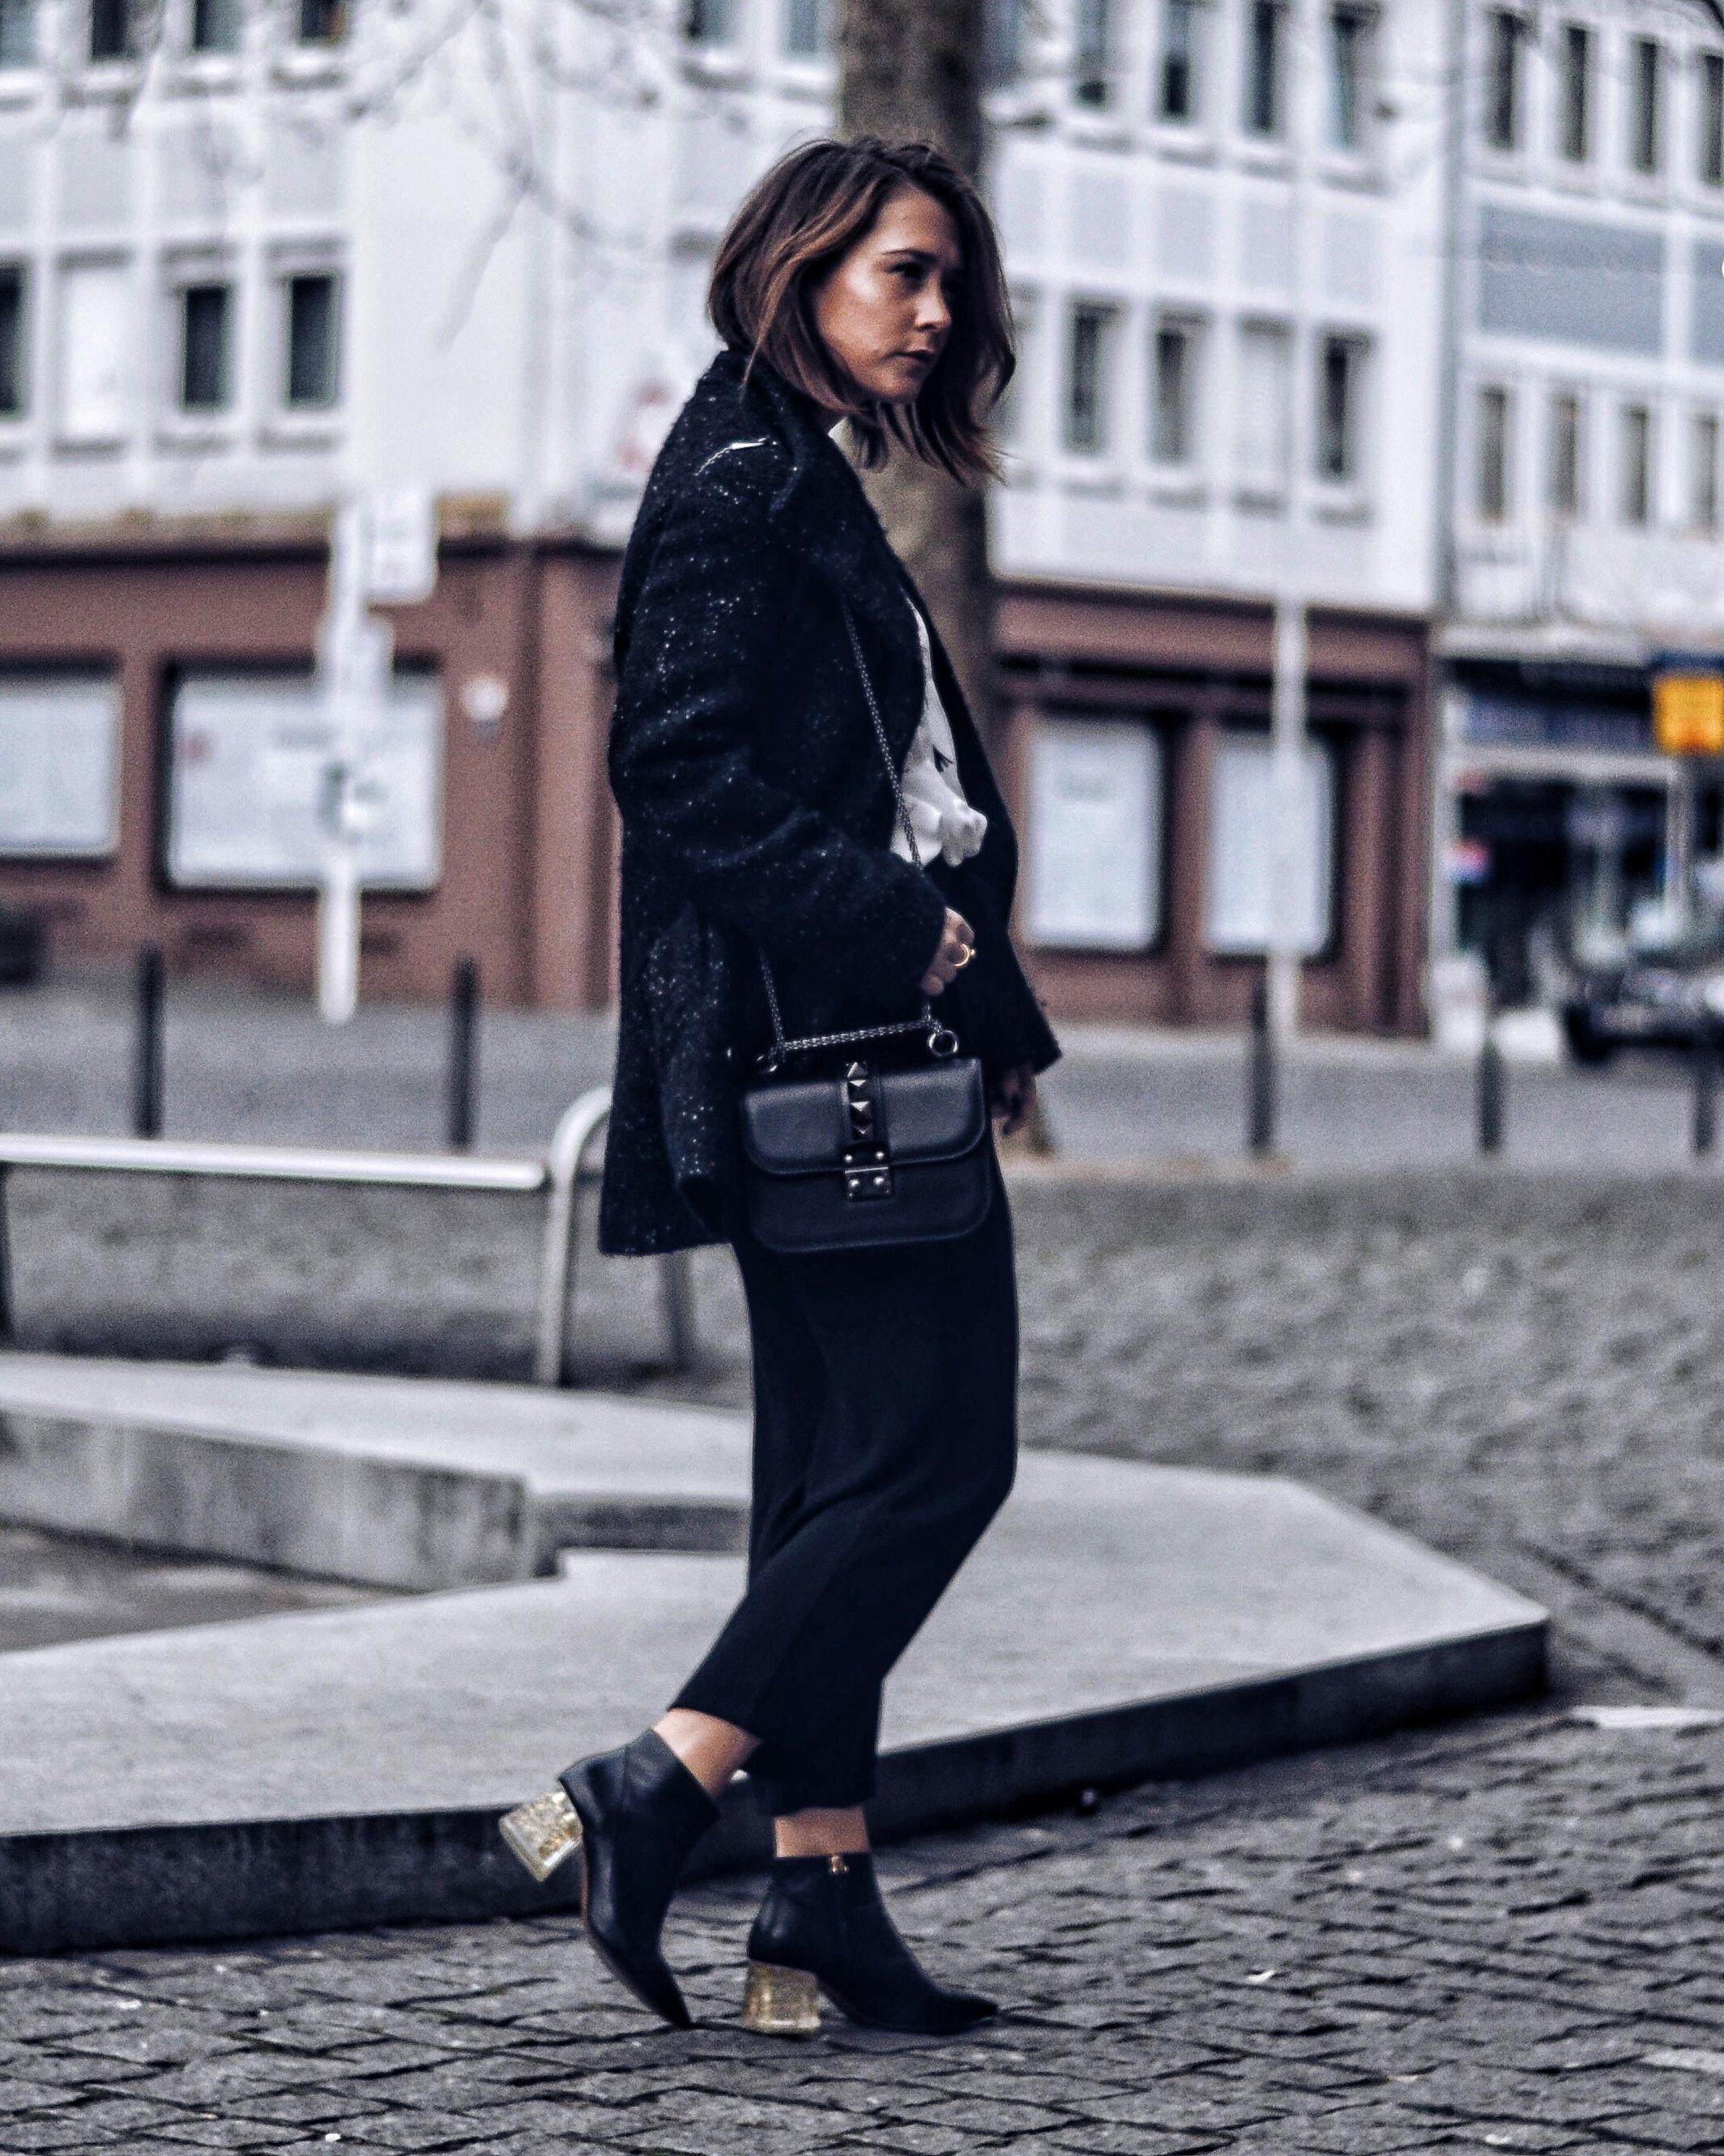 allthatchoices laura fashionblog mainz culotte statementabsatz monochrome valentino lock small noir